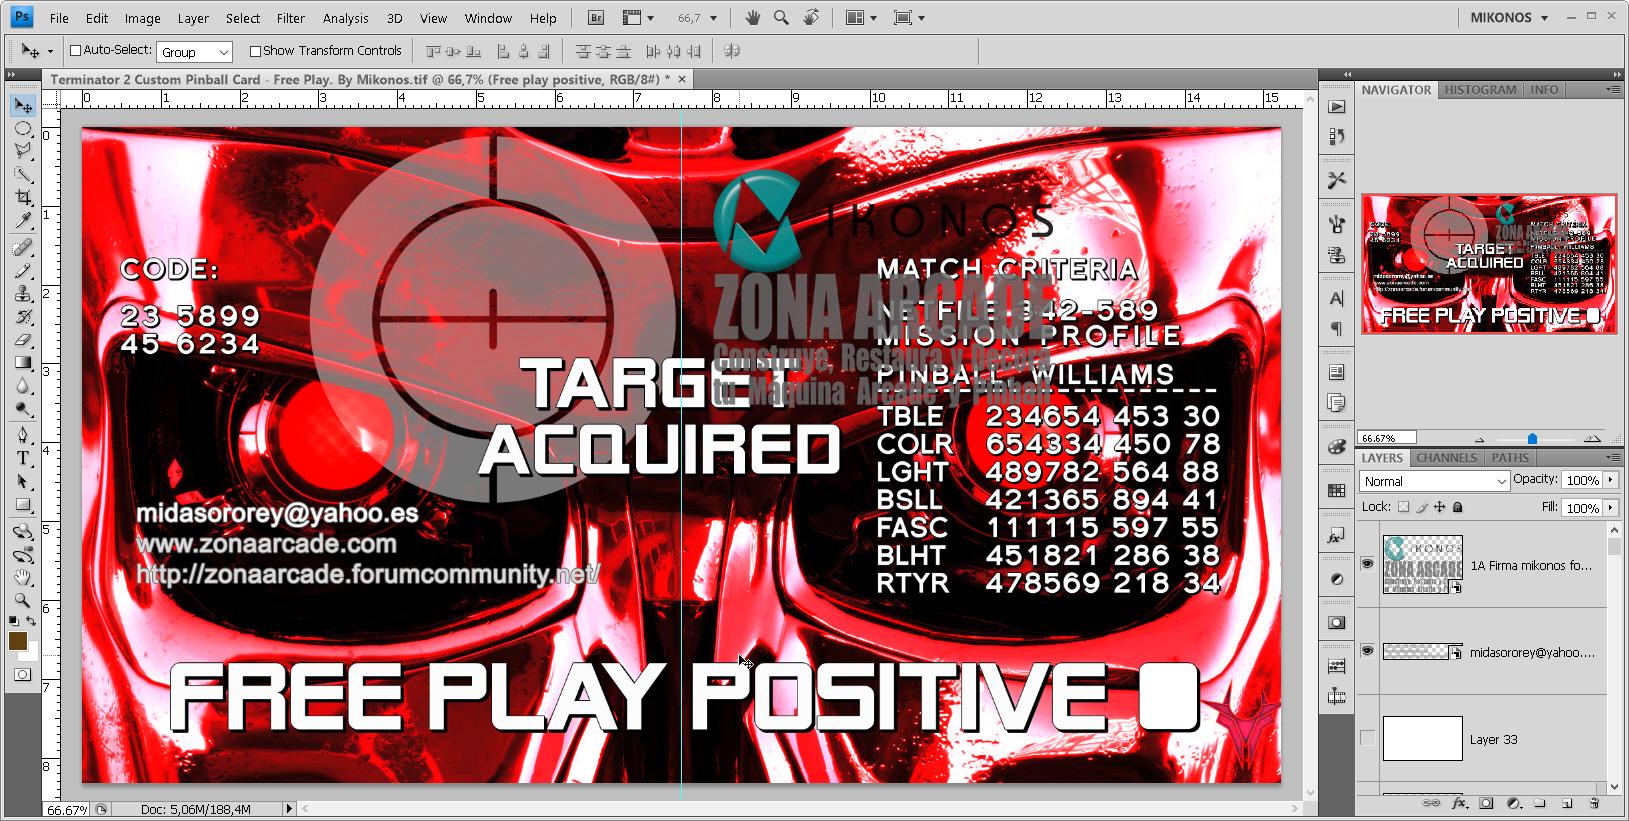 Terminator%202%20Custom%20Pinball%20Card%20-%20Free%20Play.%20Mikonos1.jpg